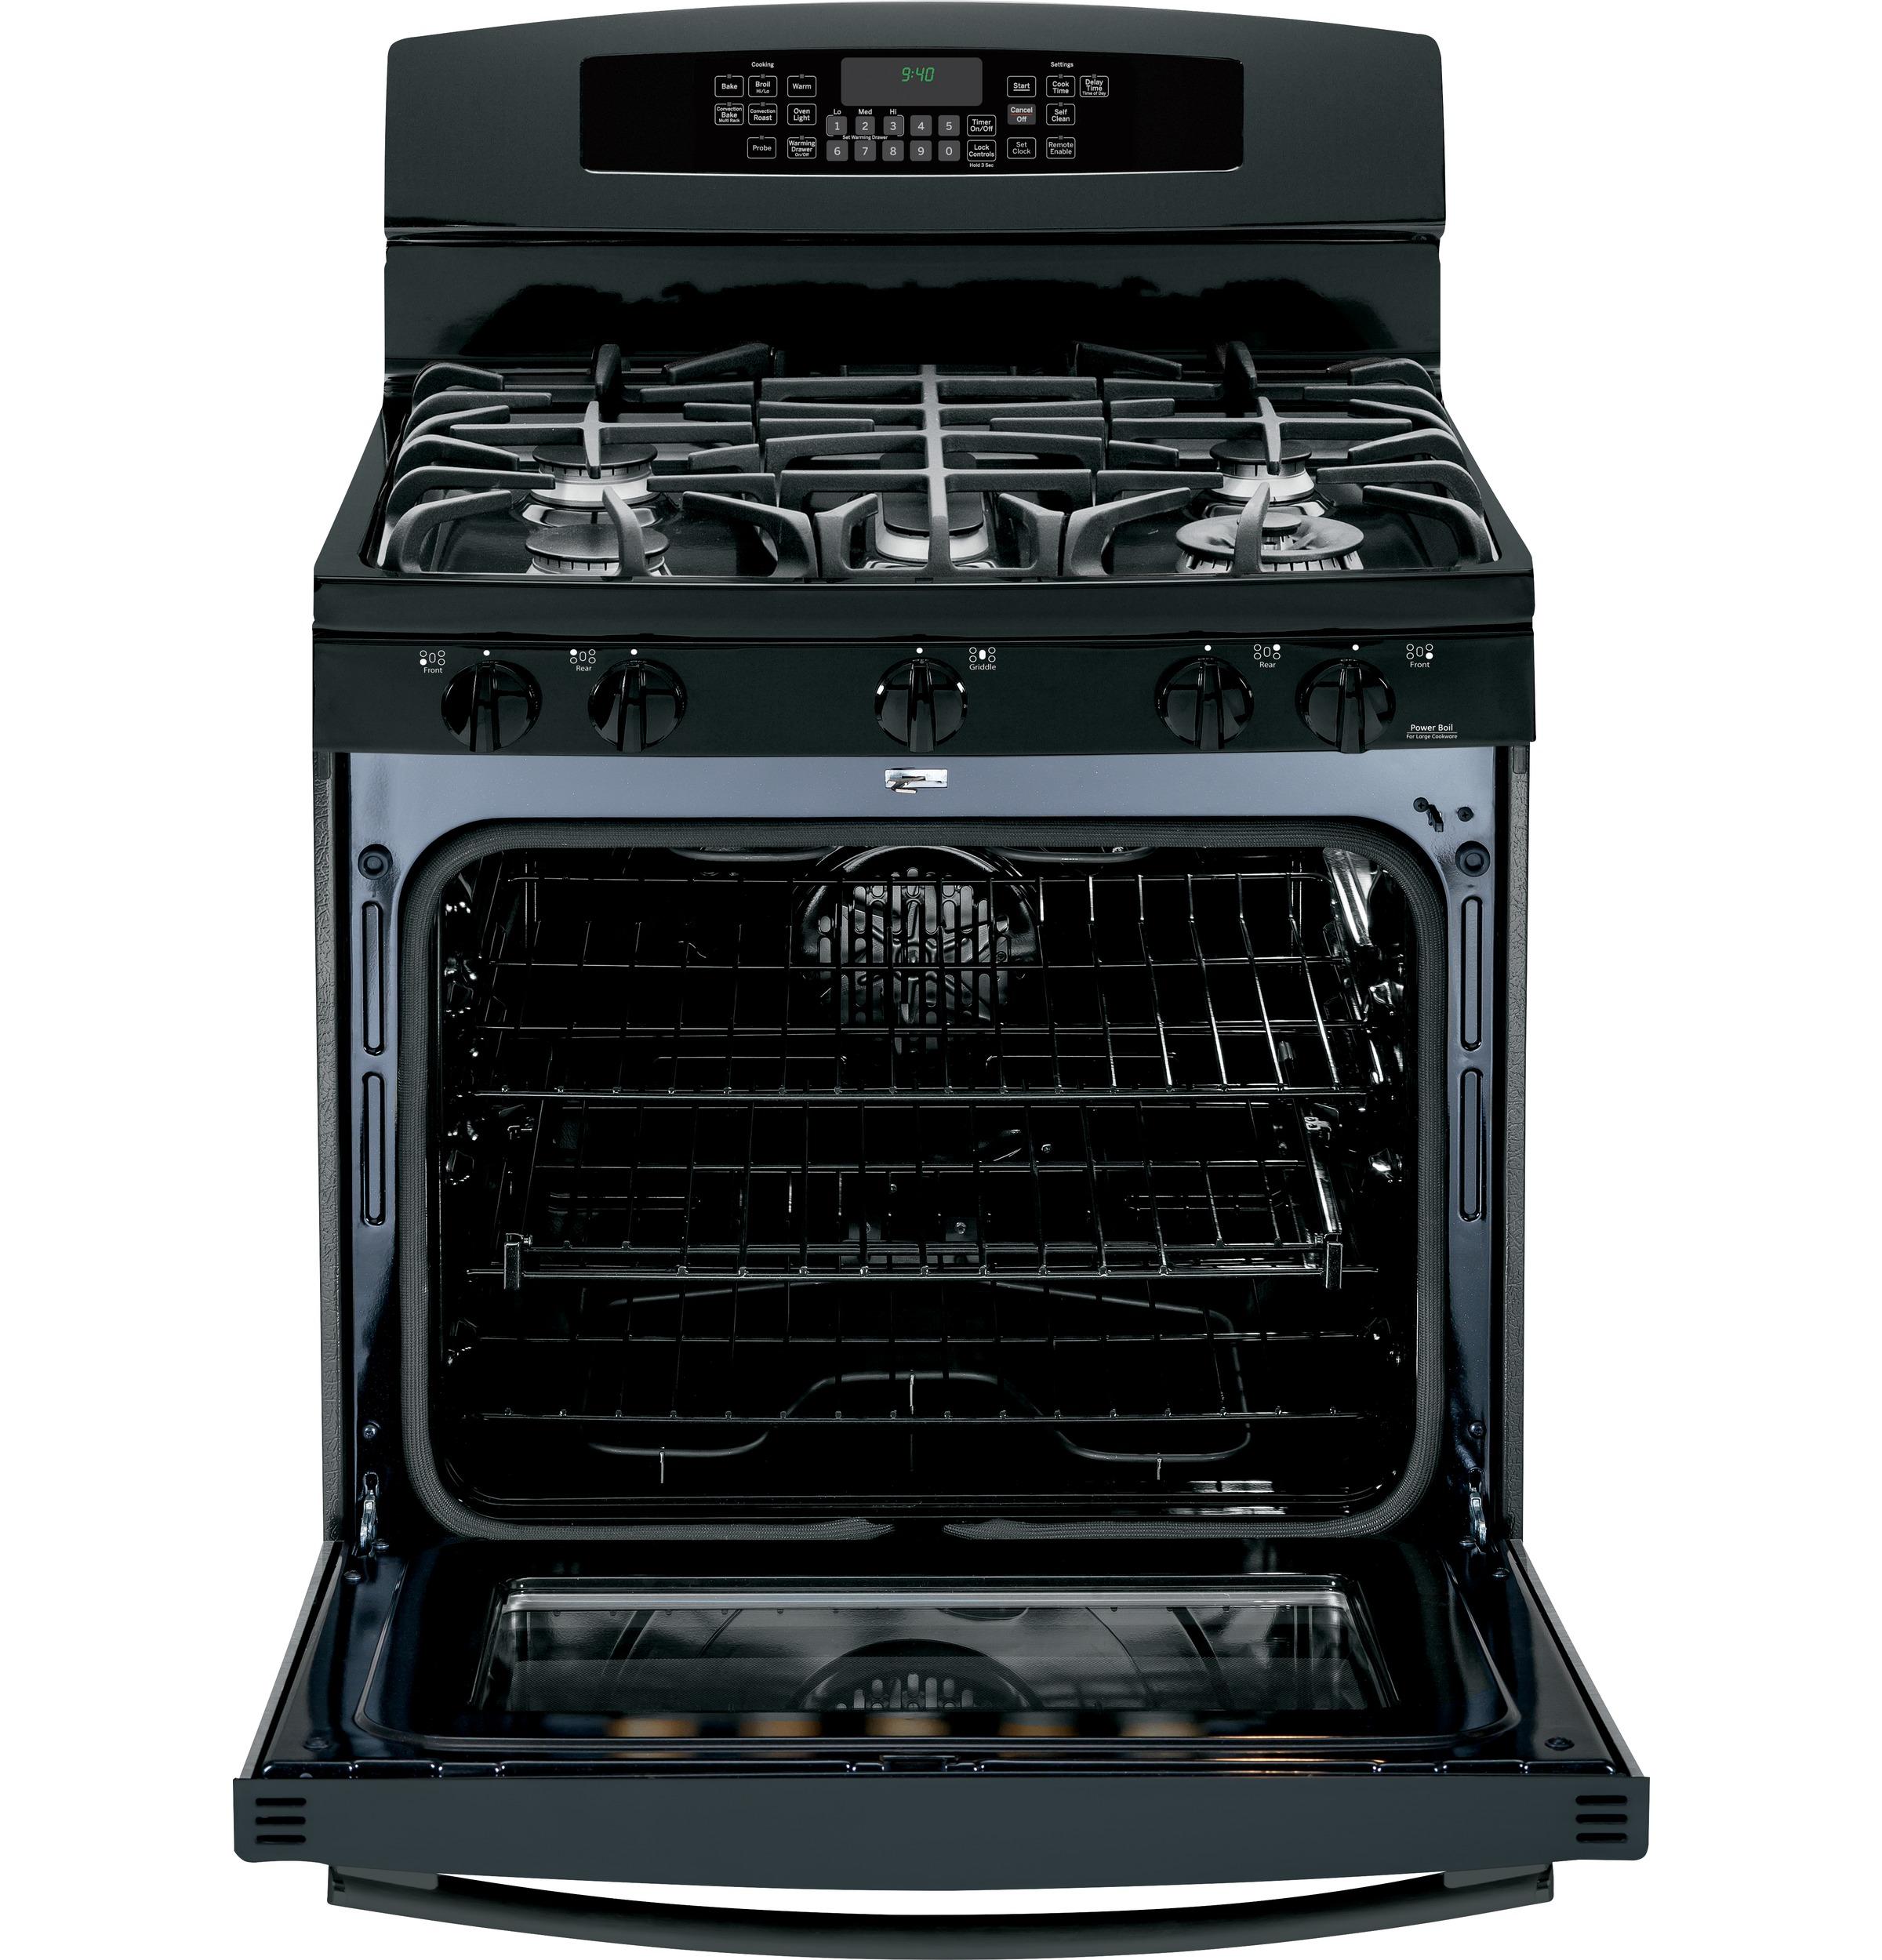 GE Profile 5.6 cu. ft. Dual-Fuel Freestanding Range w/ Warming Drawer - Black